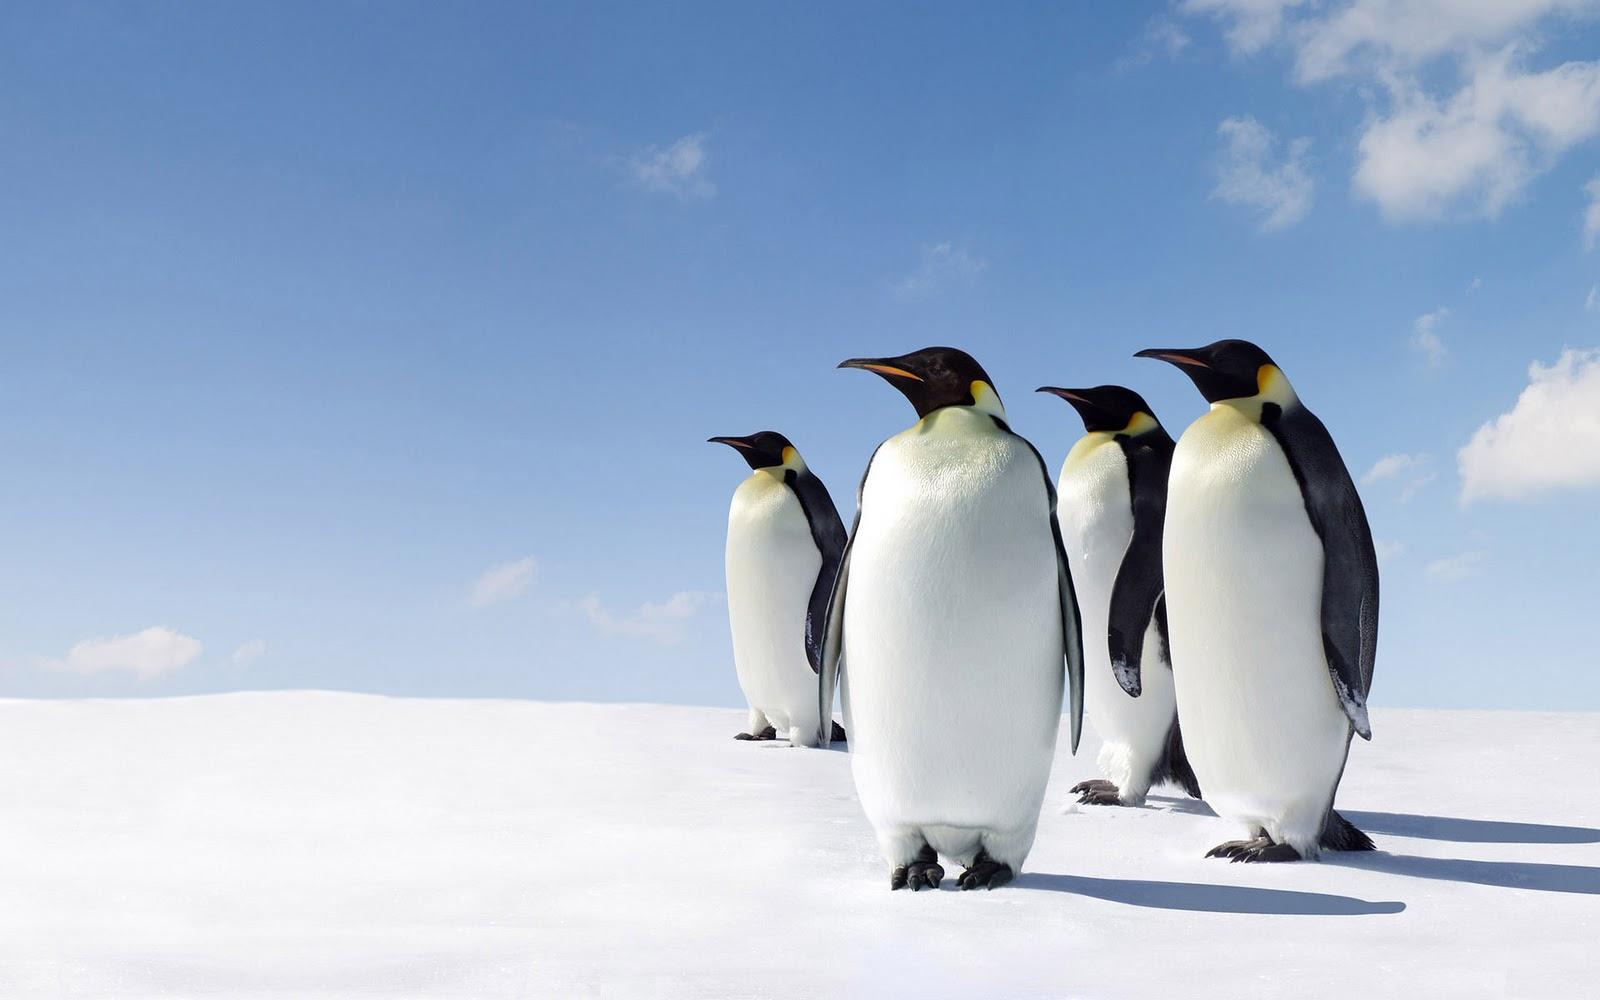 پنگوئن پستاندار است؟